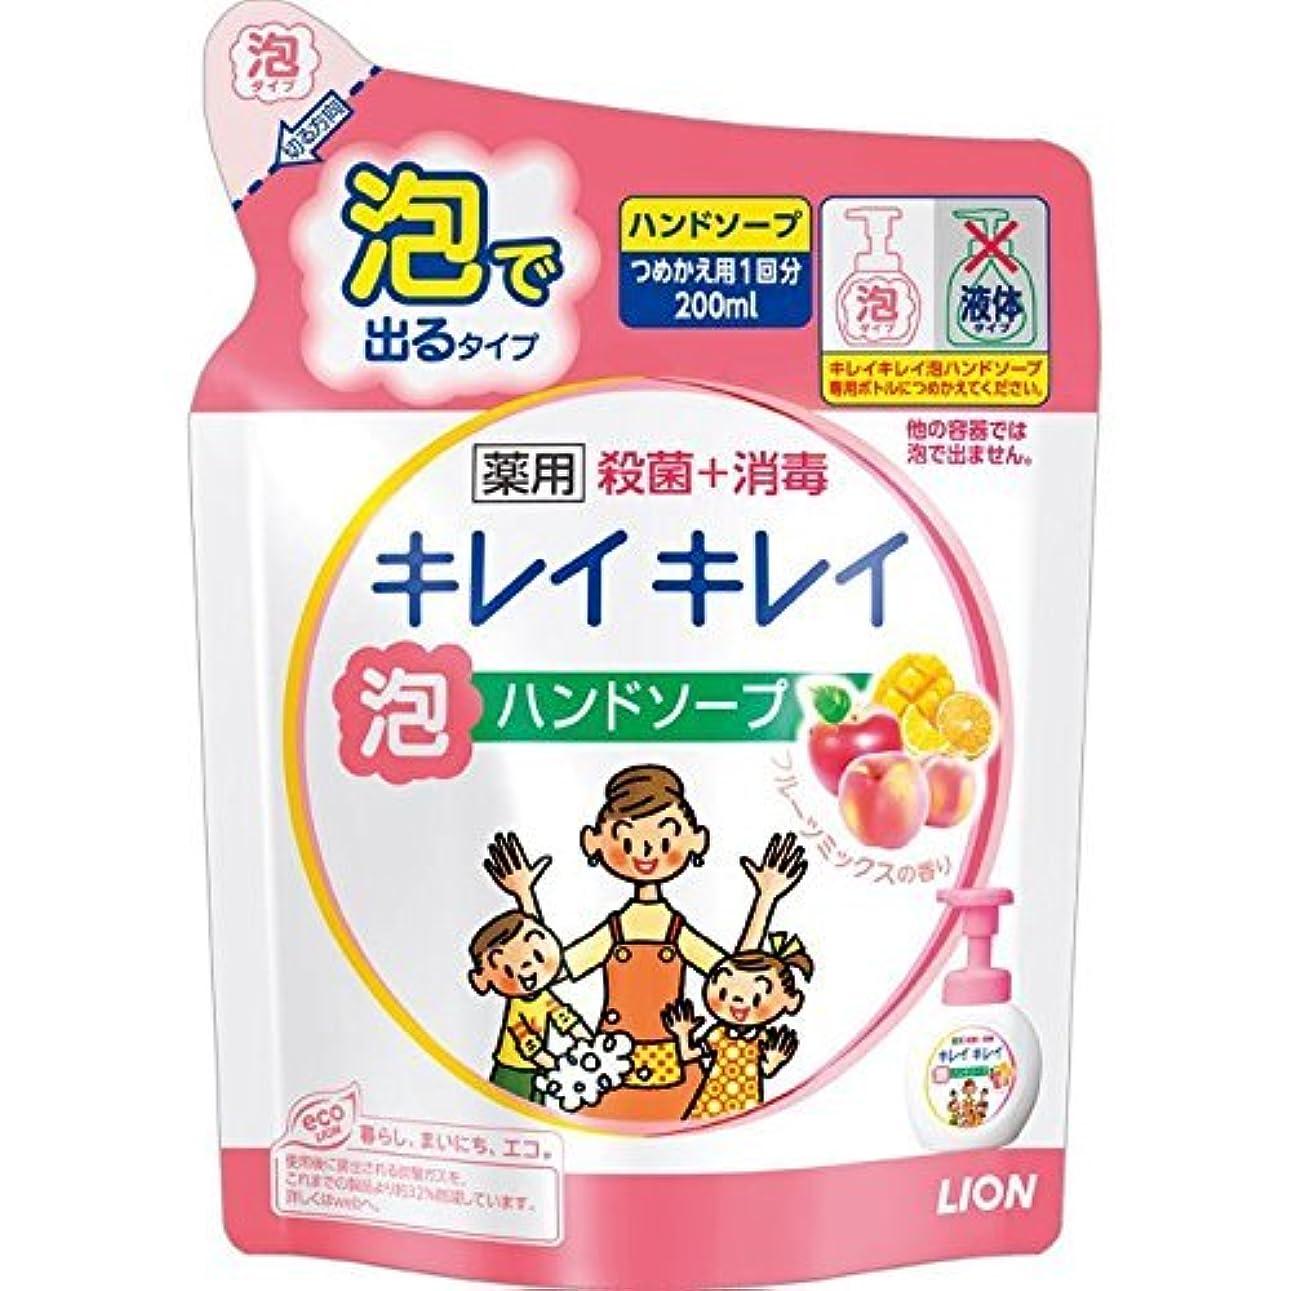 不健康たくさんご近所キレイキレイ 薬用泡ハンドソープ フルーツミックスの香り つめかえ用 通常サイズ 200ml ×20個セット